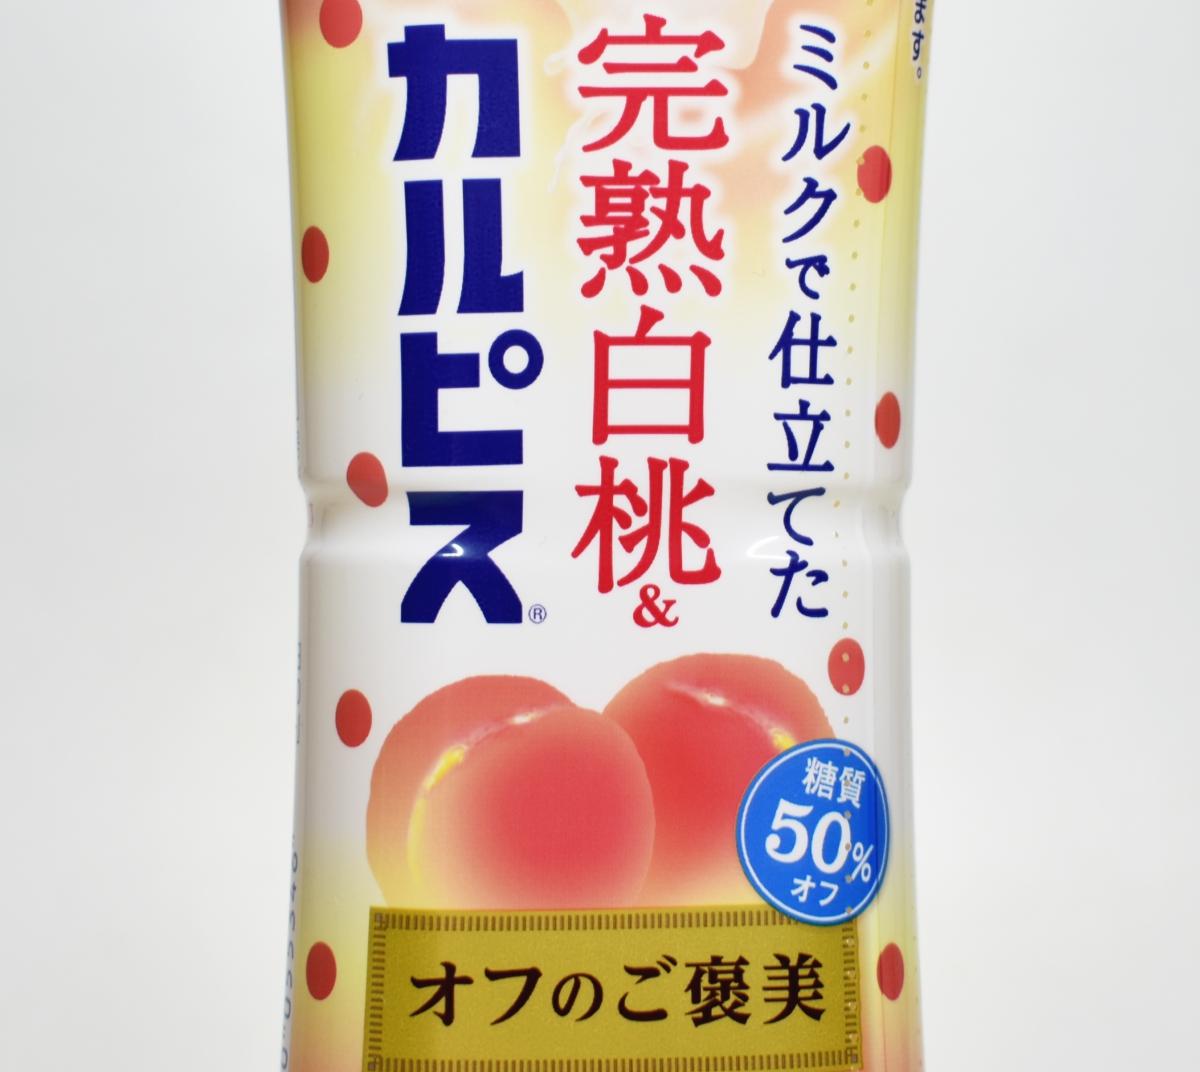 完熟白桃&カルピス オフのご褒美